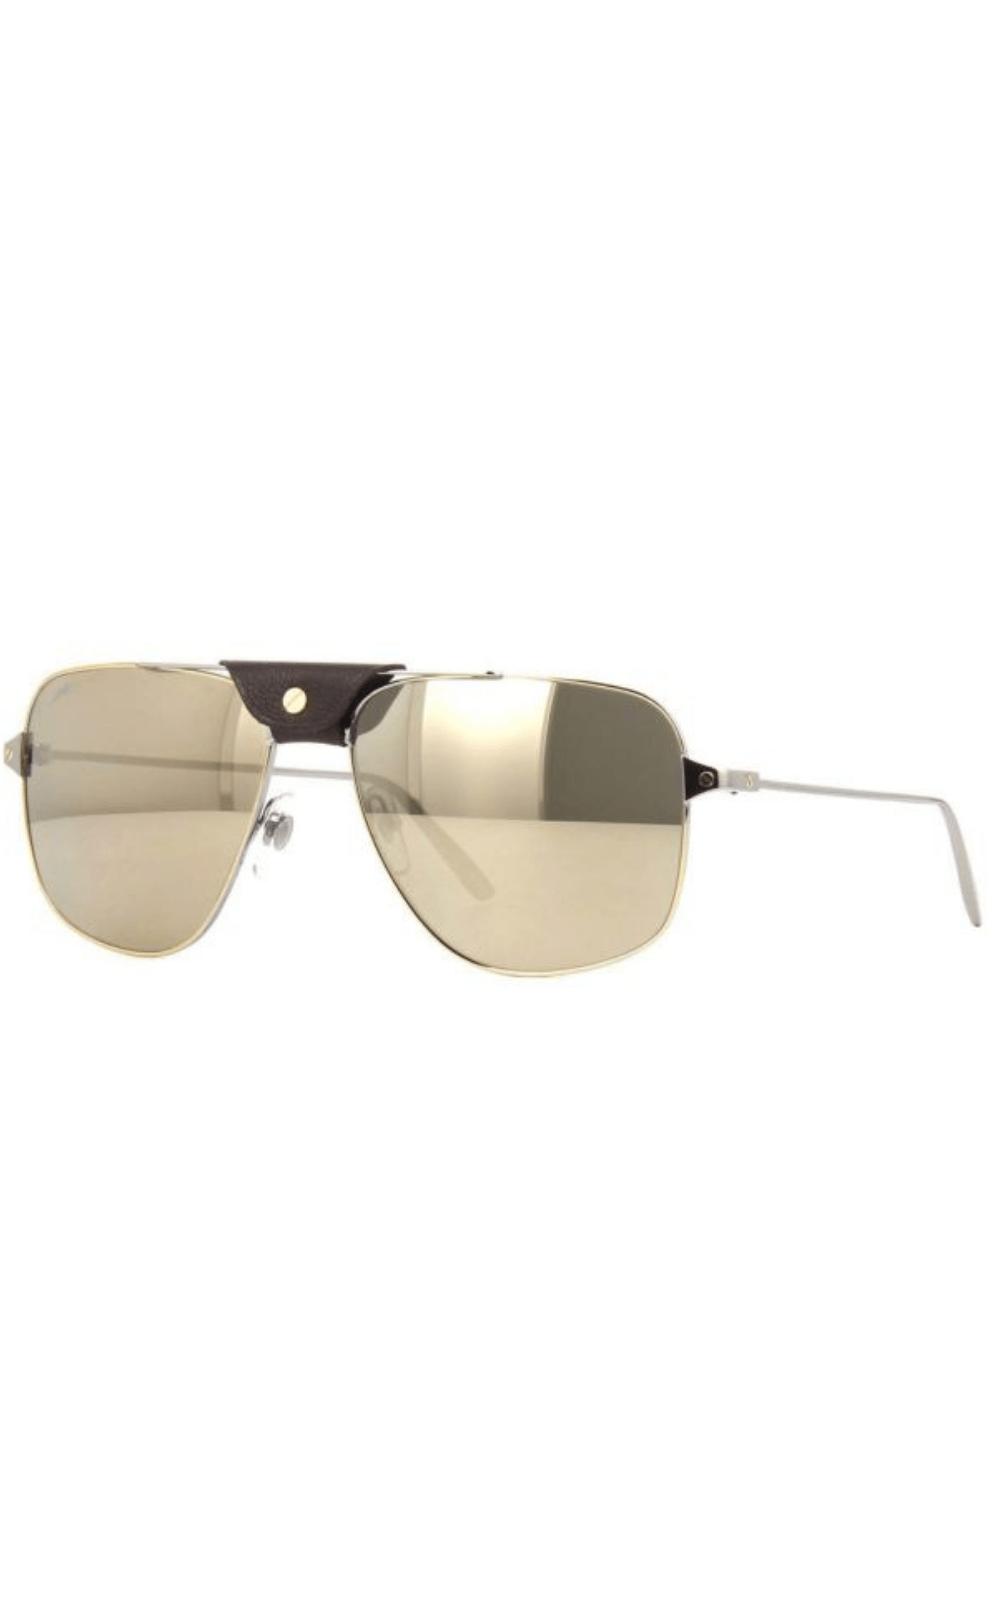 Foto 1 - Óculos de Sol Cartier 0037 S 003